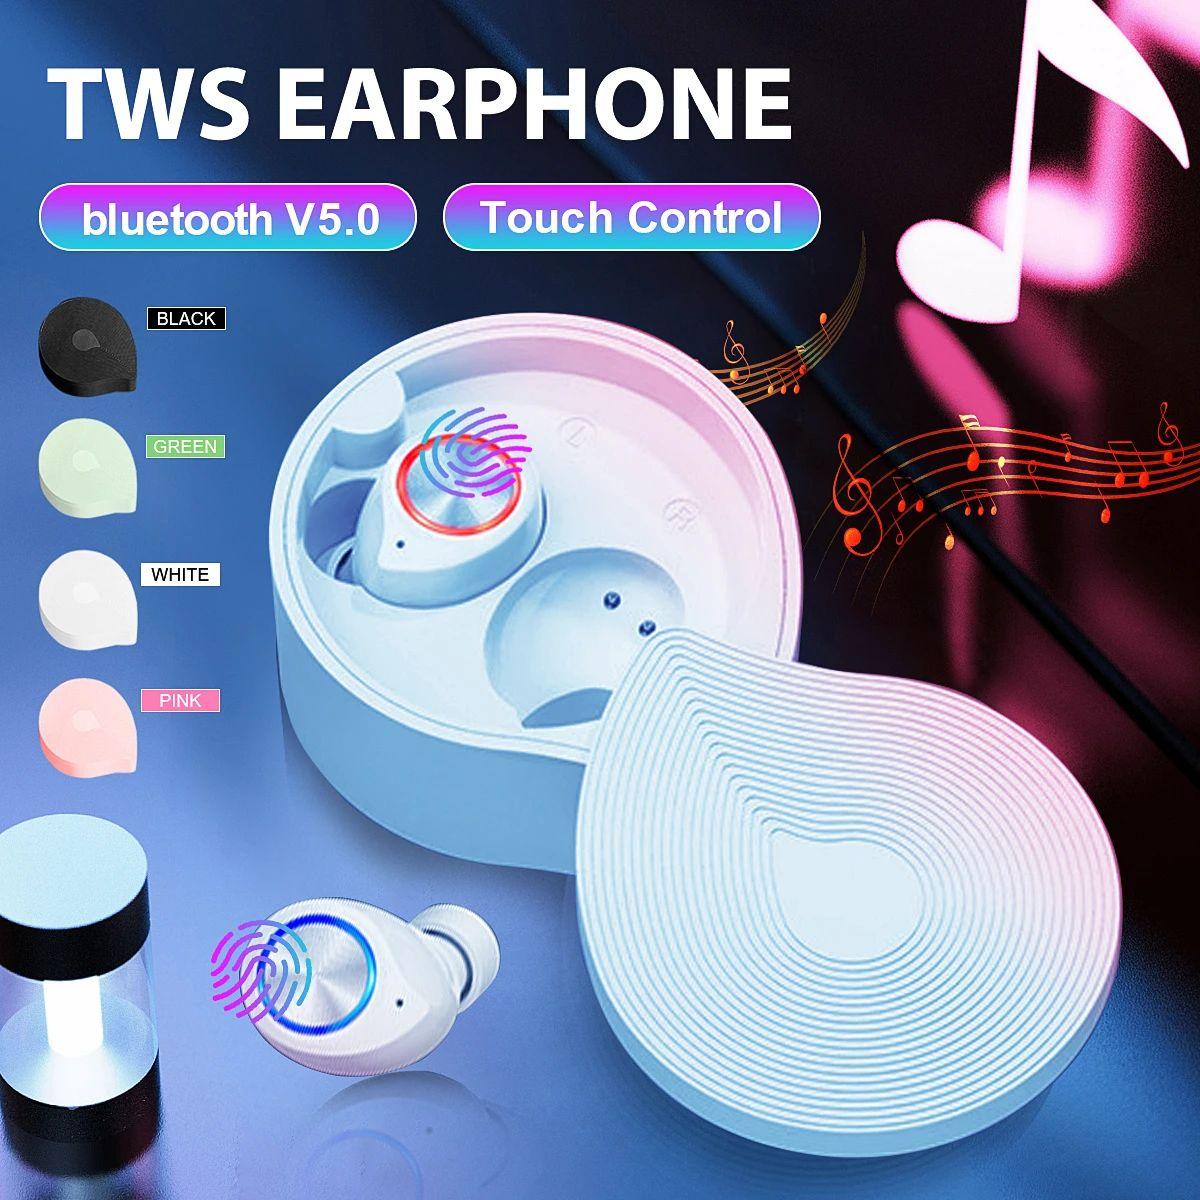 Tw70 tws earphone bluetooth 5.0 (5)